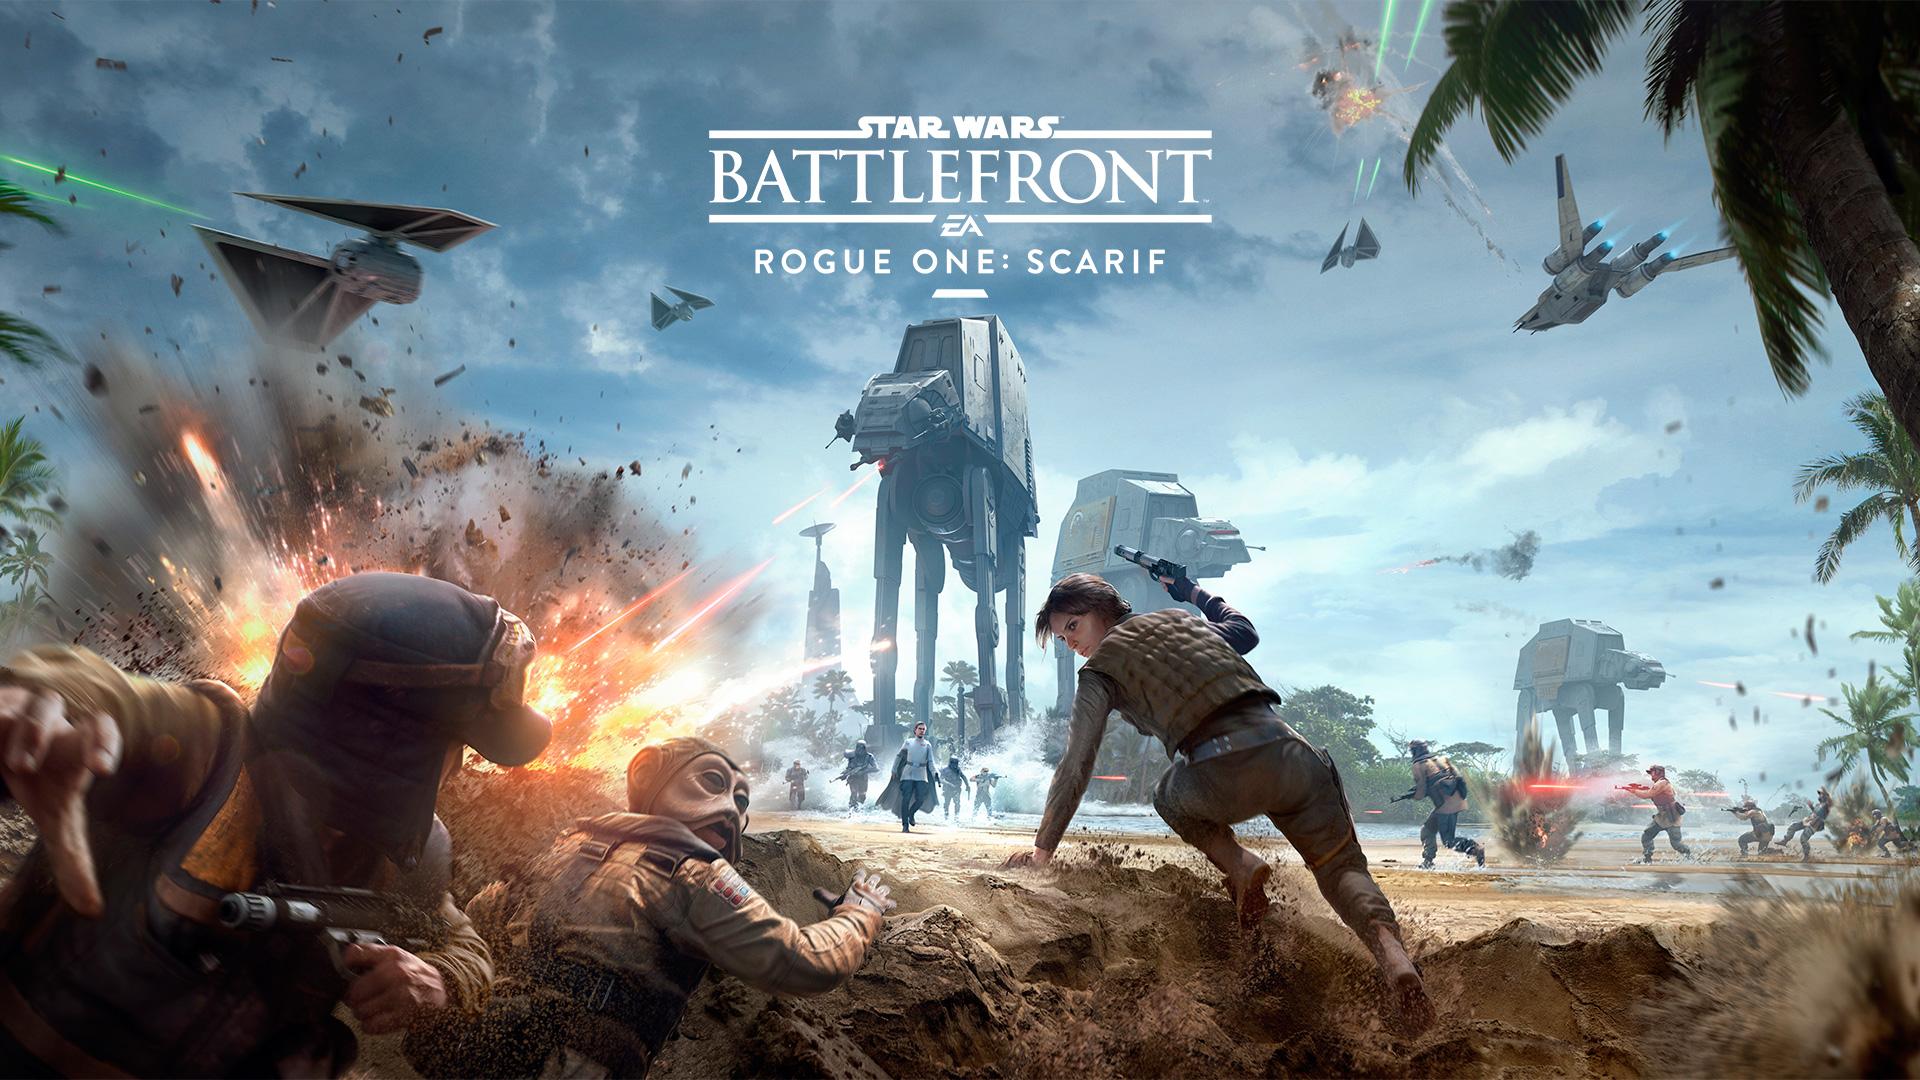 Star Wars Battlefront 1 Jahrestag Star Wars Offizielle Ea Website